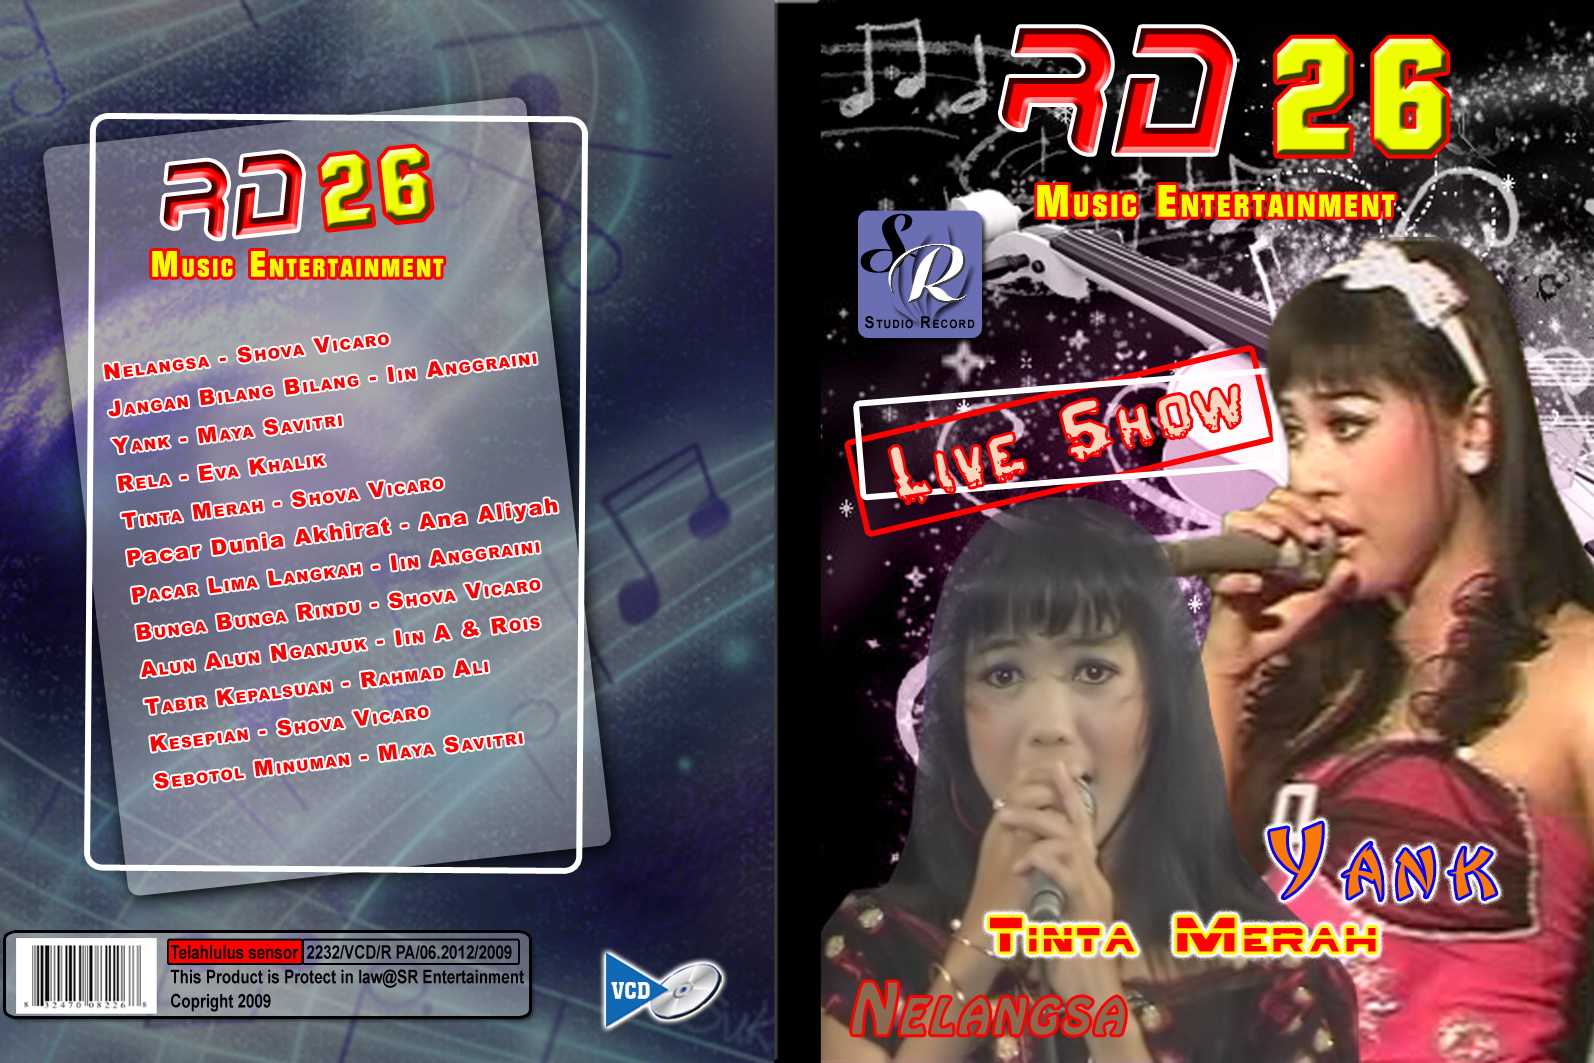 Download lagu pacar dunia akhirat versi dangdut koplo